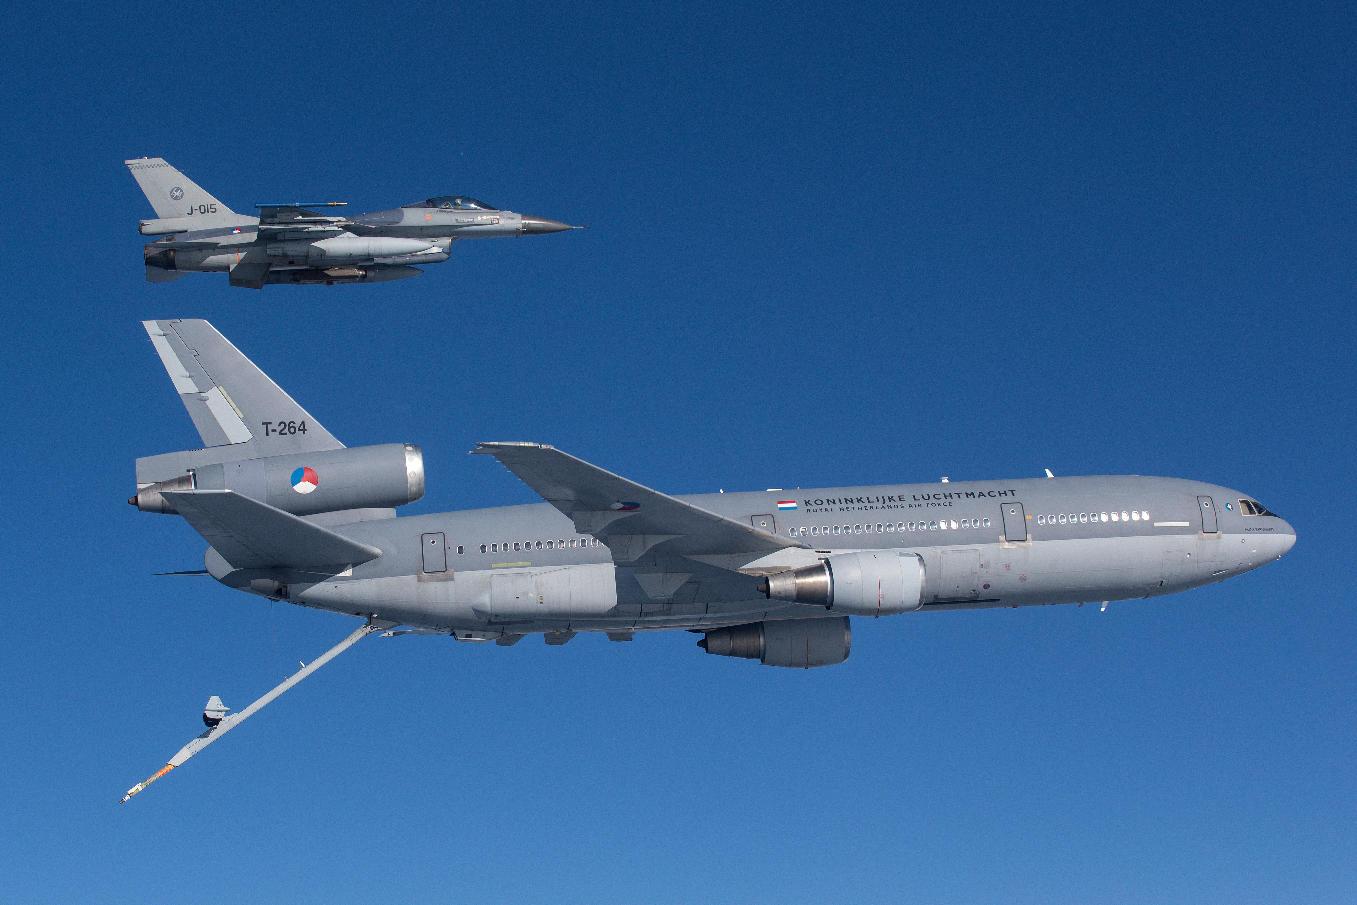 Deux exercices aériens majeurs aux Pays-Bas